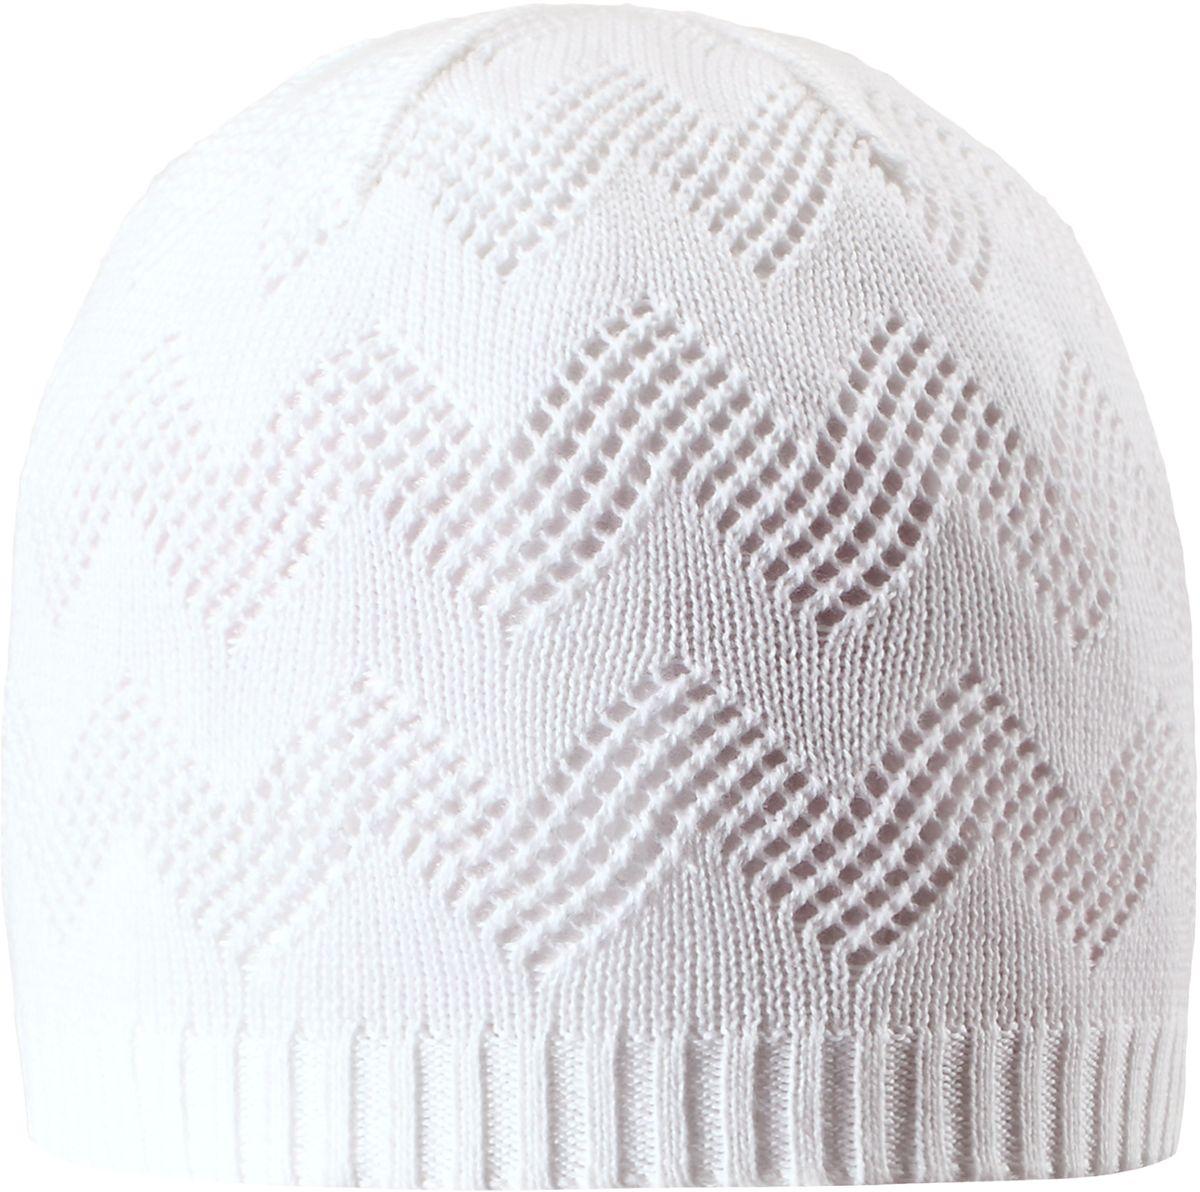 Шапка для девочки Reima Piranja, цвет: белый. 5285280100. Размер 545285280100Детская шапка станет превосходным выбором в межсезонье, в ней можно и поиграть во дворе, и прогуляться по городу. Изготовлена из мягкого и комфортного вязаного хлопка. Эта симпатичная облегченная модель без подкладки идеально подходит для солнечной погоды.